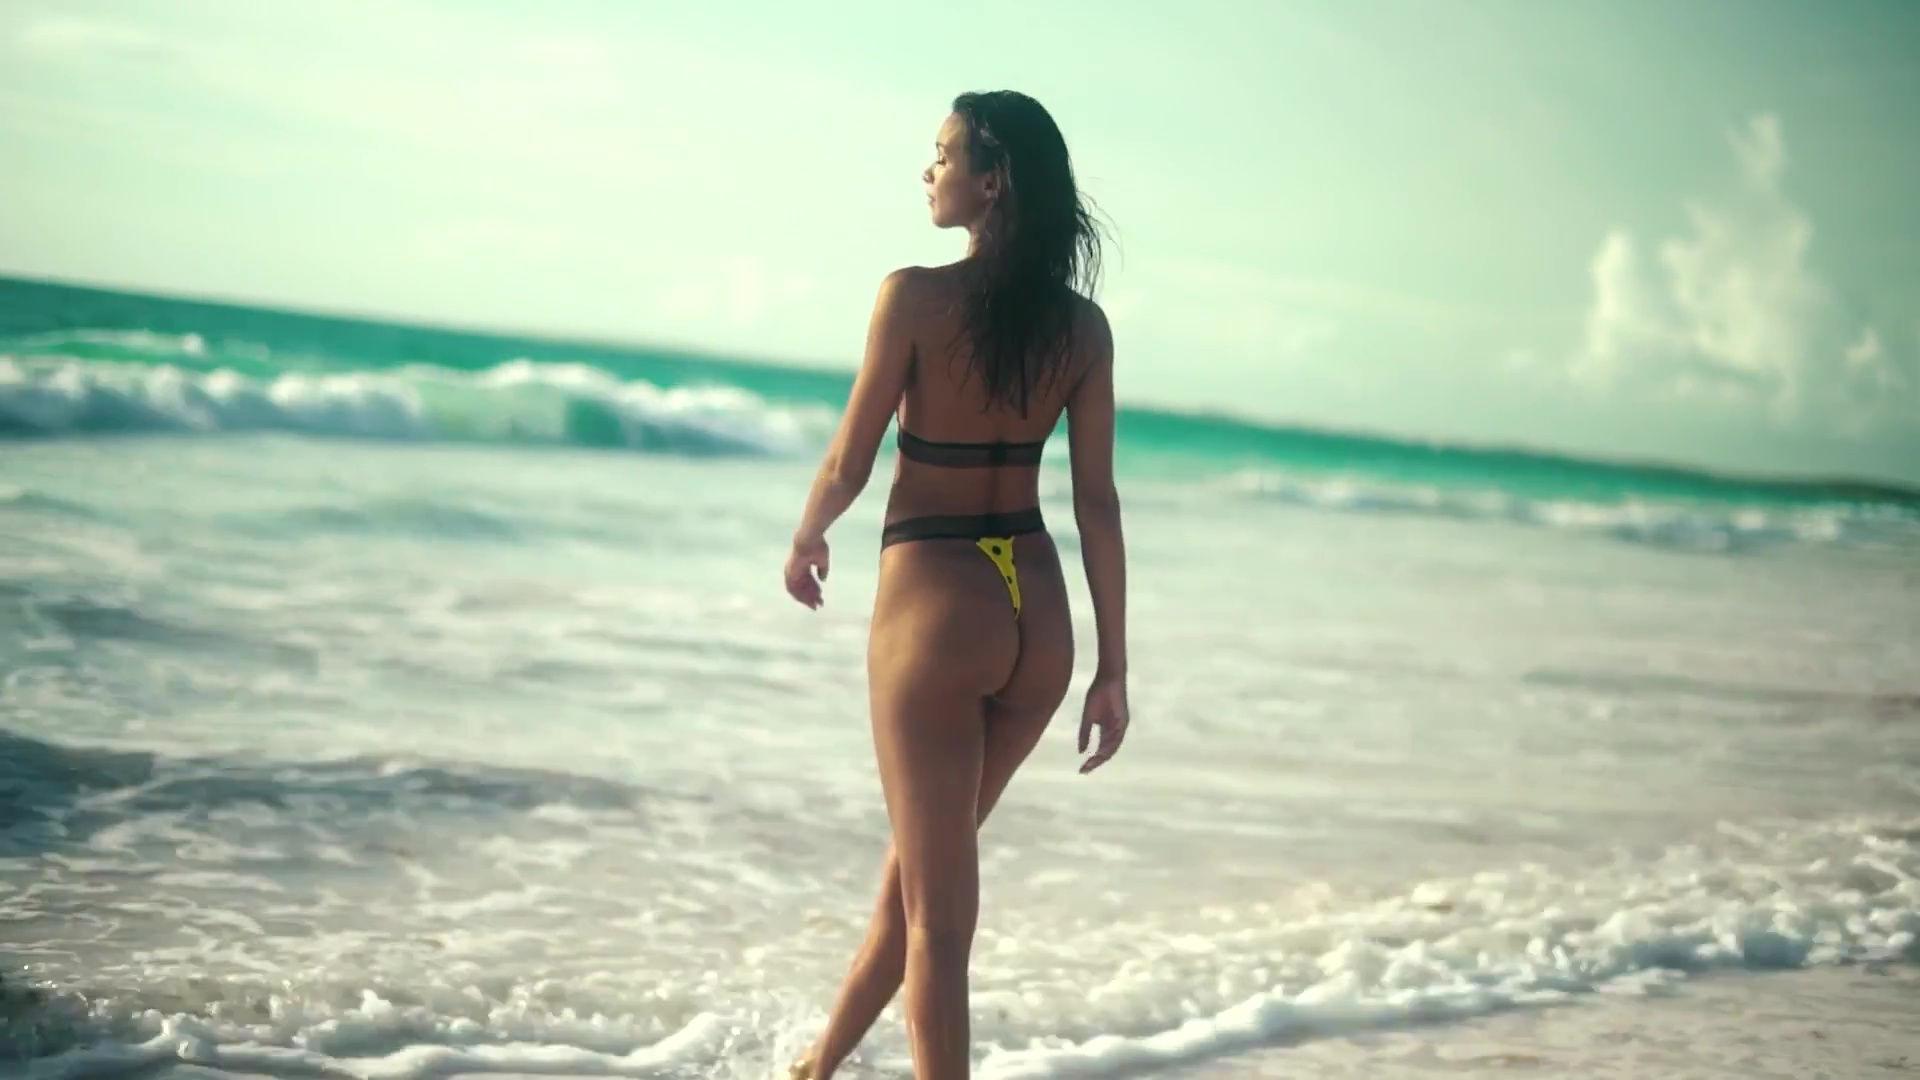 0919045630832_31_Lais-Ribeiro-Sexy-TheFappeningBlog.com-32-1.jpg